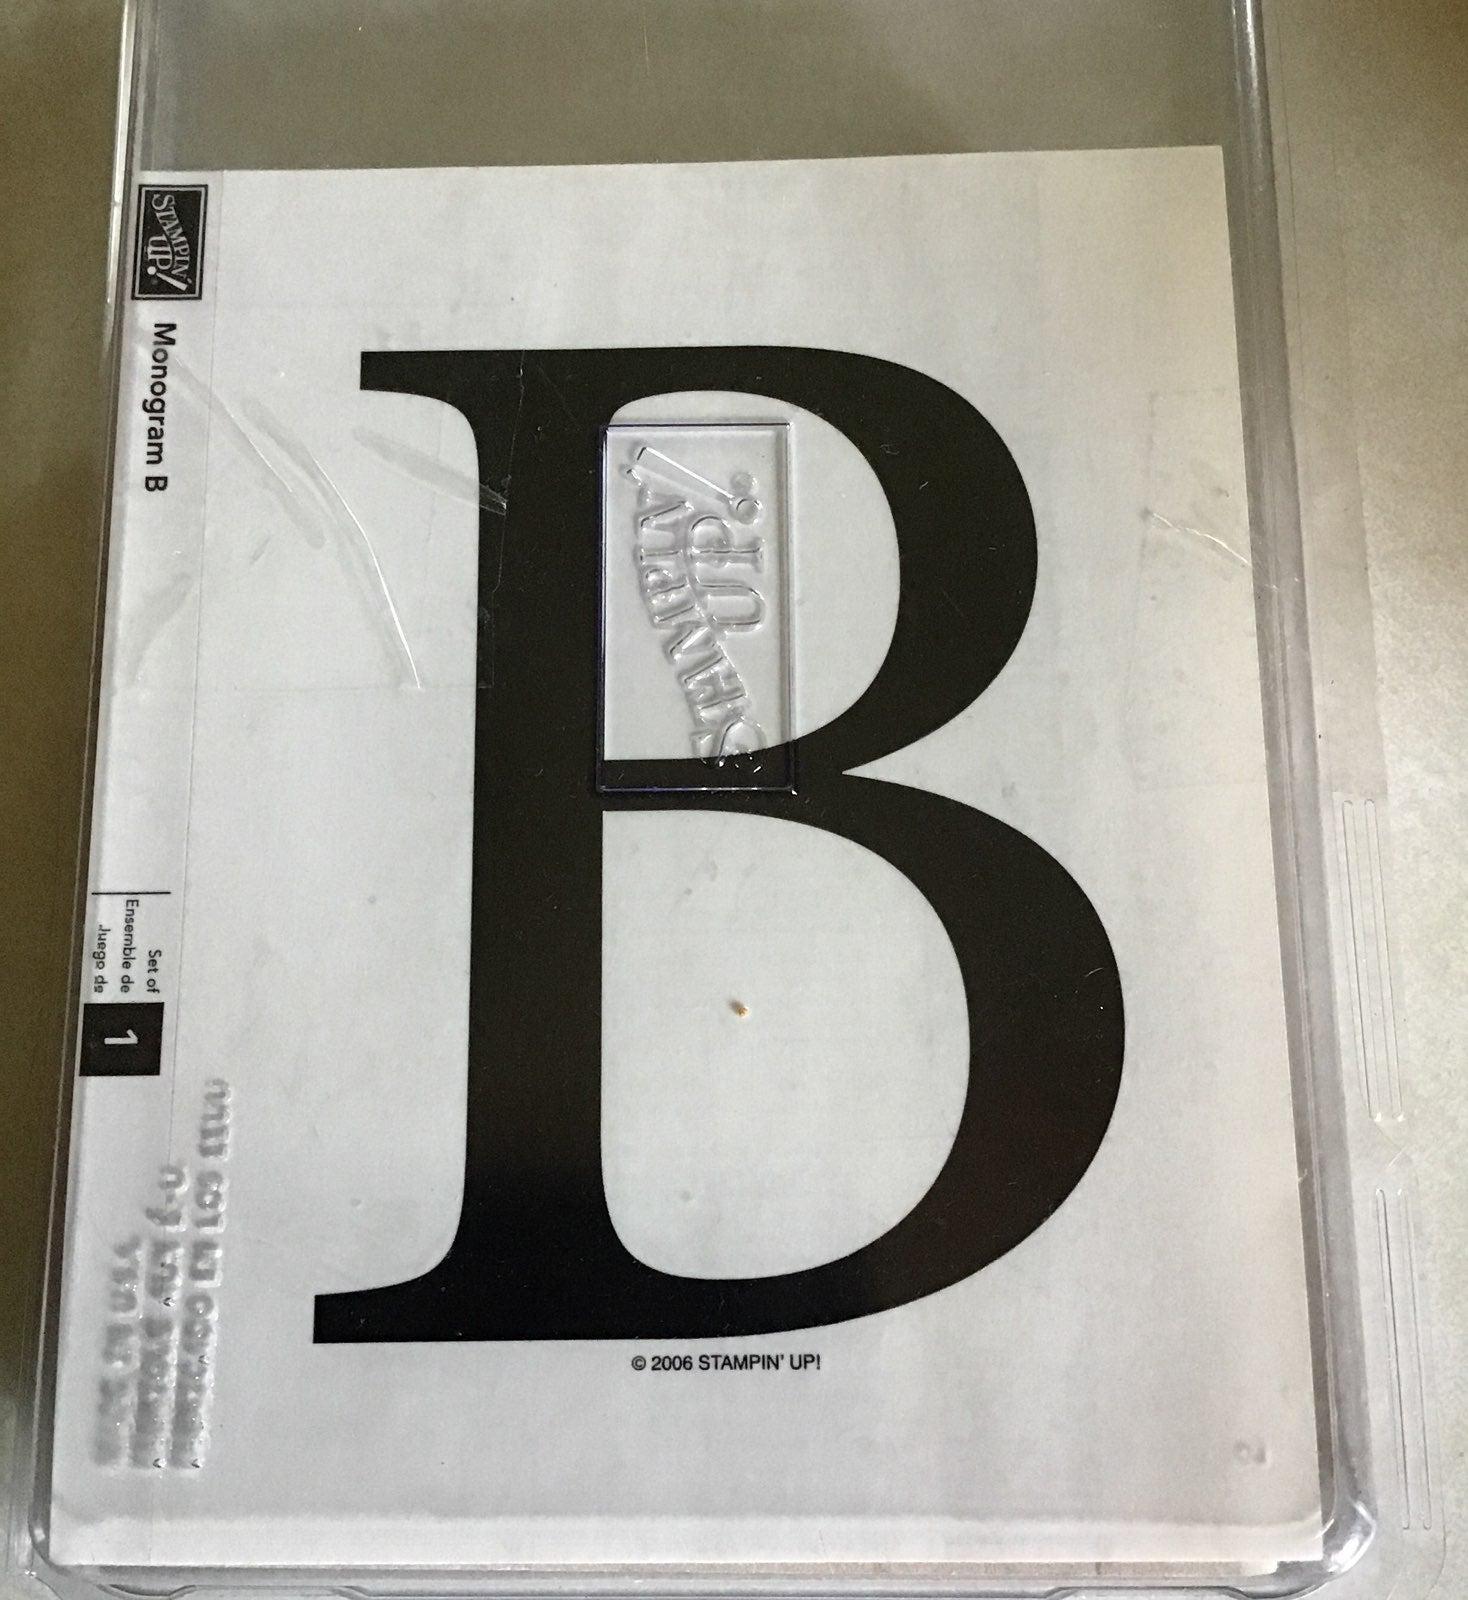 Stampin up monogram b stamp